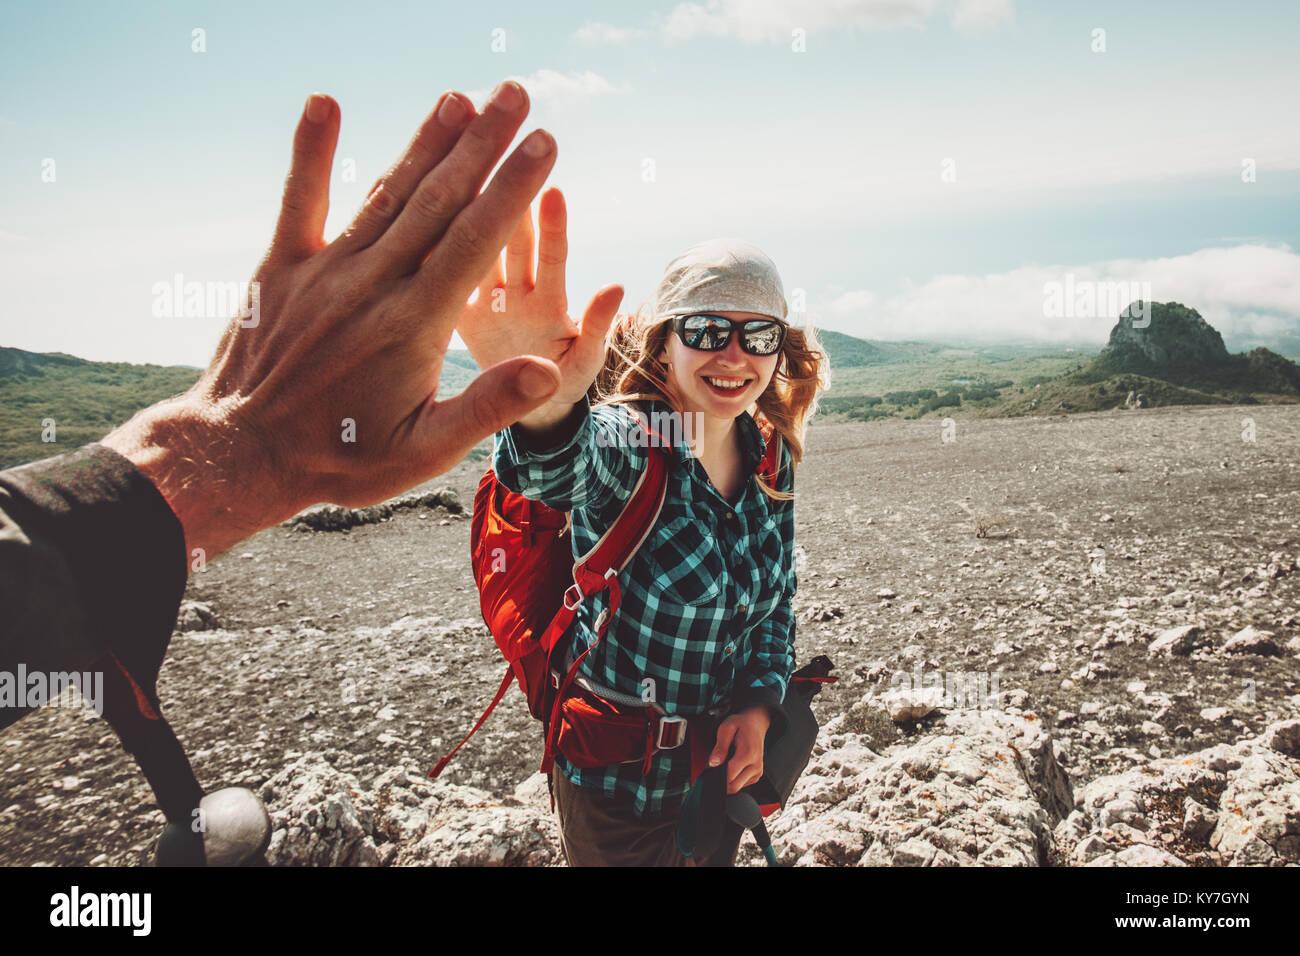 Happy amici dando cinque mani che viaggia a montagne stile di vita viaggio emozioni positive concetto. Coppia giovane Immagini Stock